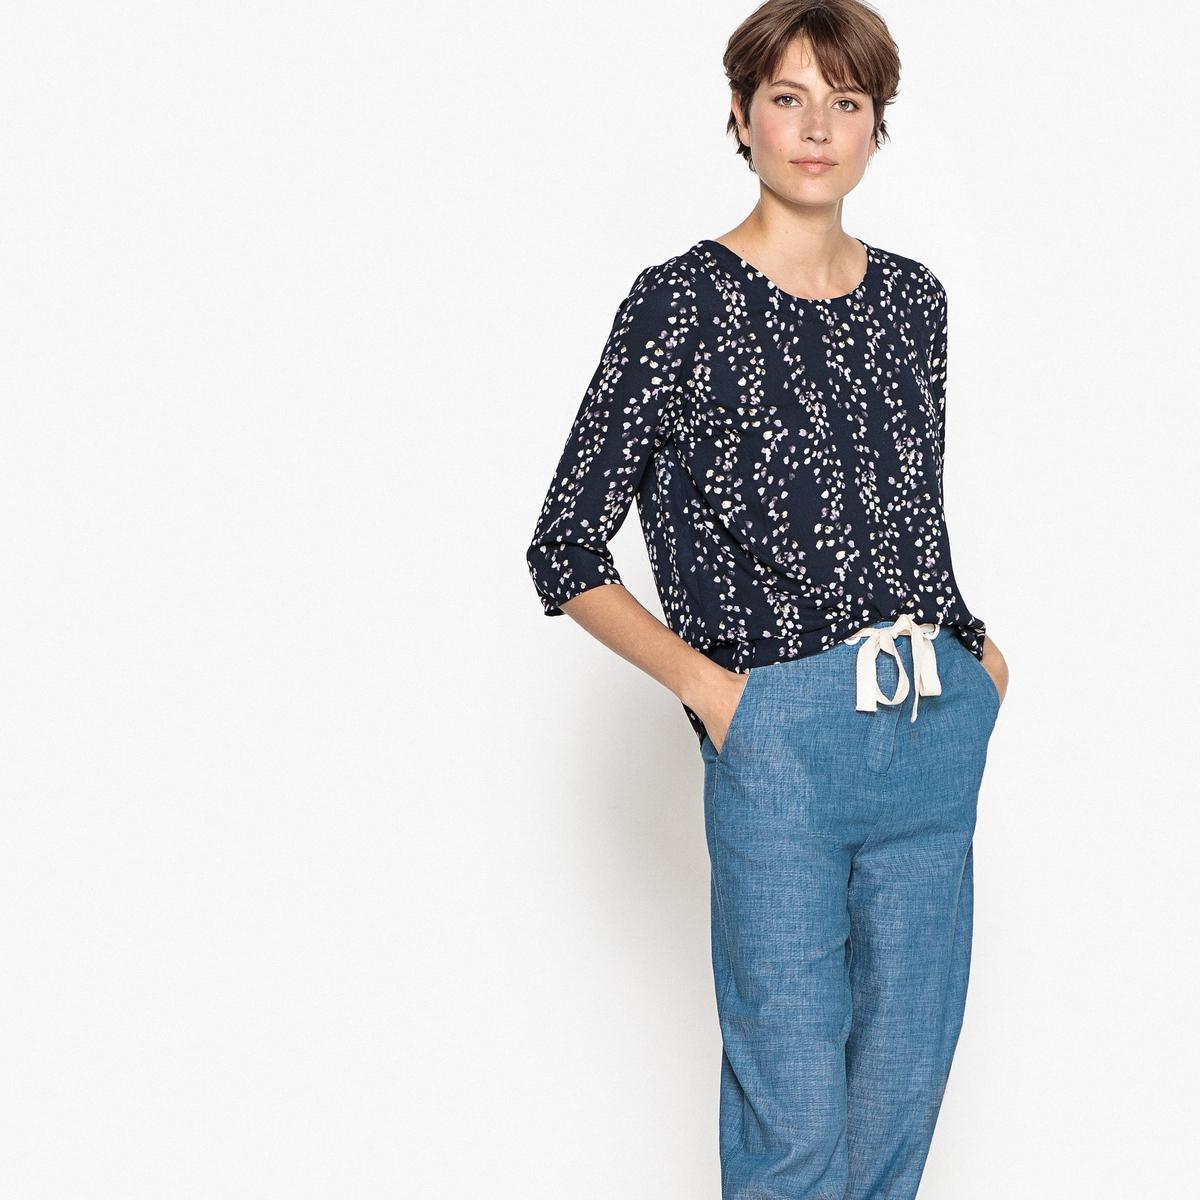 Блузка с круглым вырезом, рукавами 3/4,  цветочным принтом